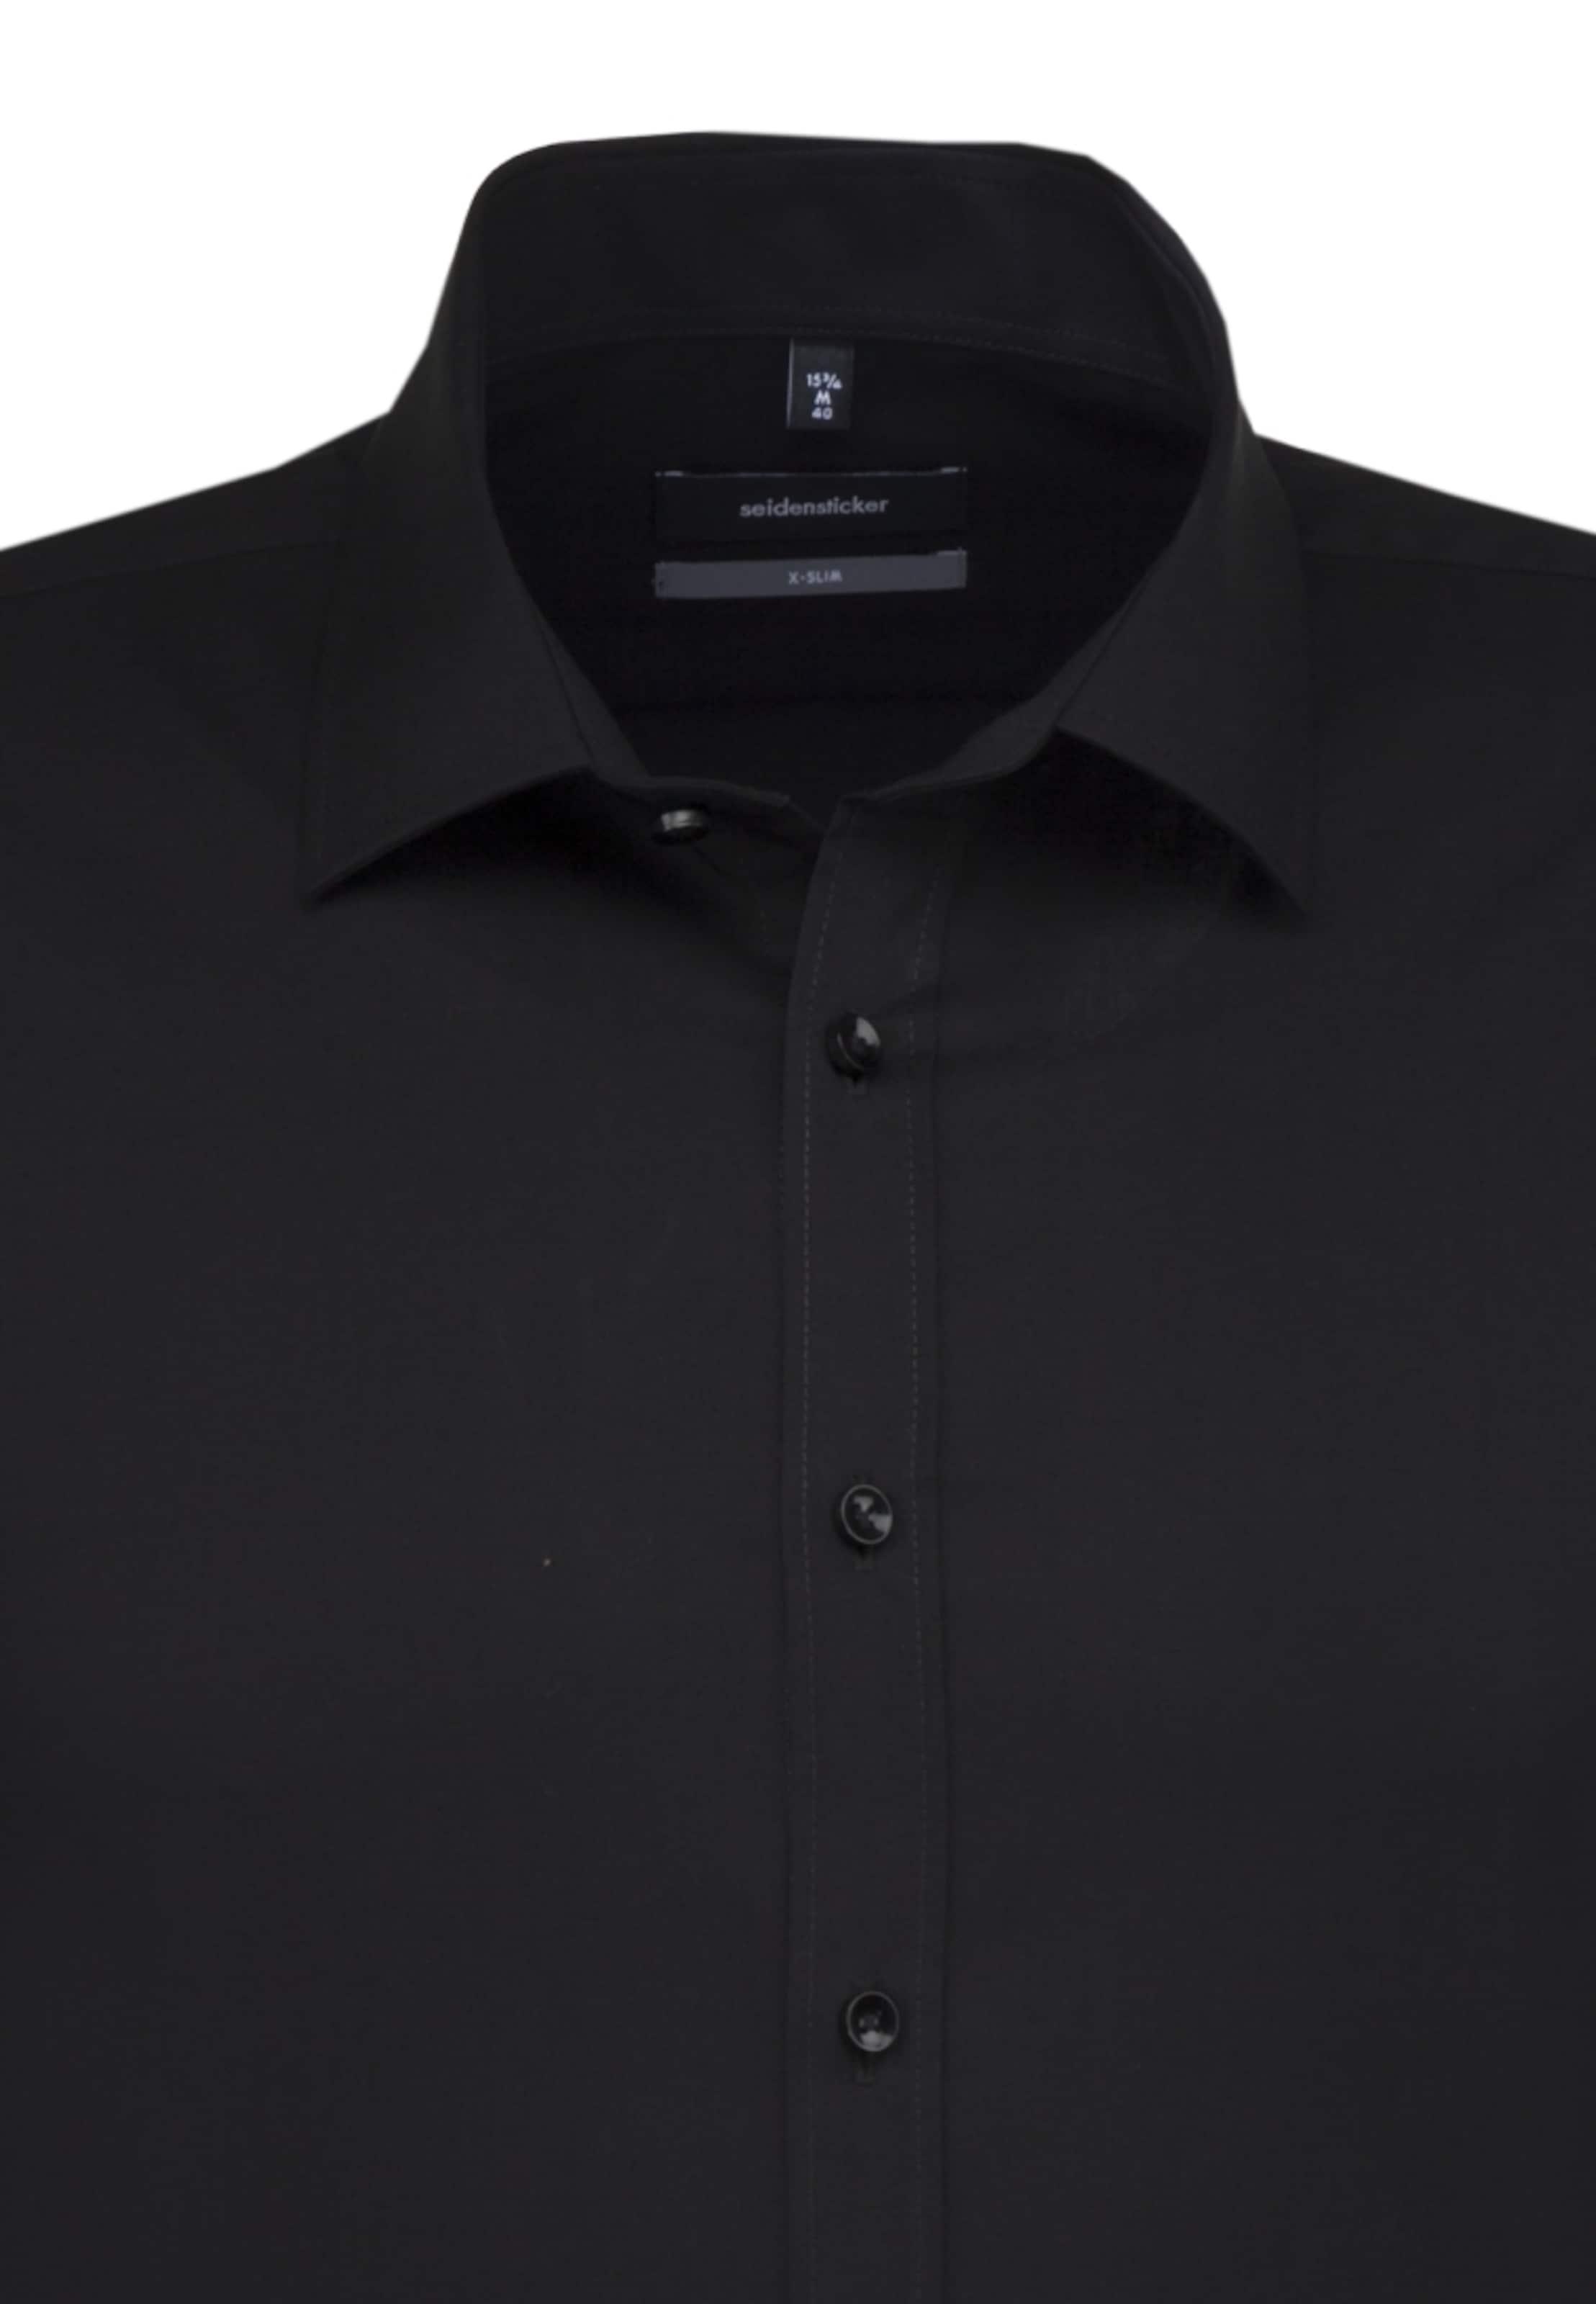 Outlet Rabatt Authentisch SEIDENSTICKER City-Hemd ' X-Slim ' Suche Nach Günstigem Preis Verkaufsfachmann Qualität KS6xhVSf